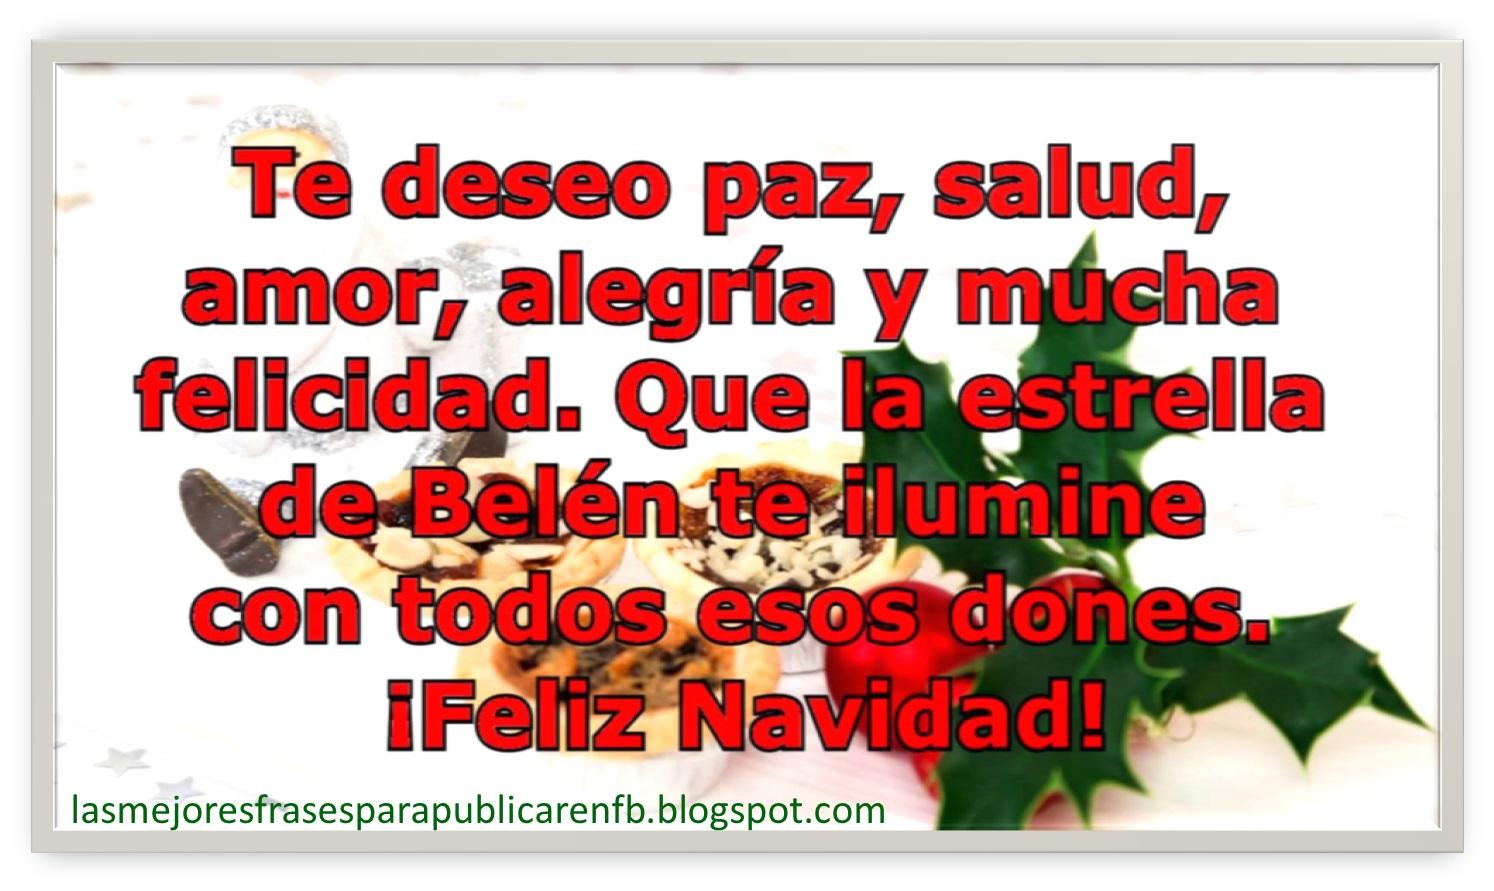 Frases De Navidad Te Deseo Paz Salud Amor